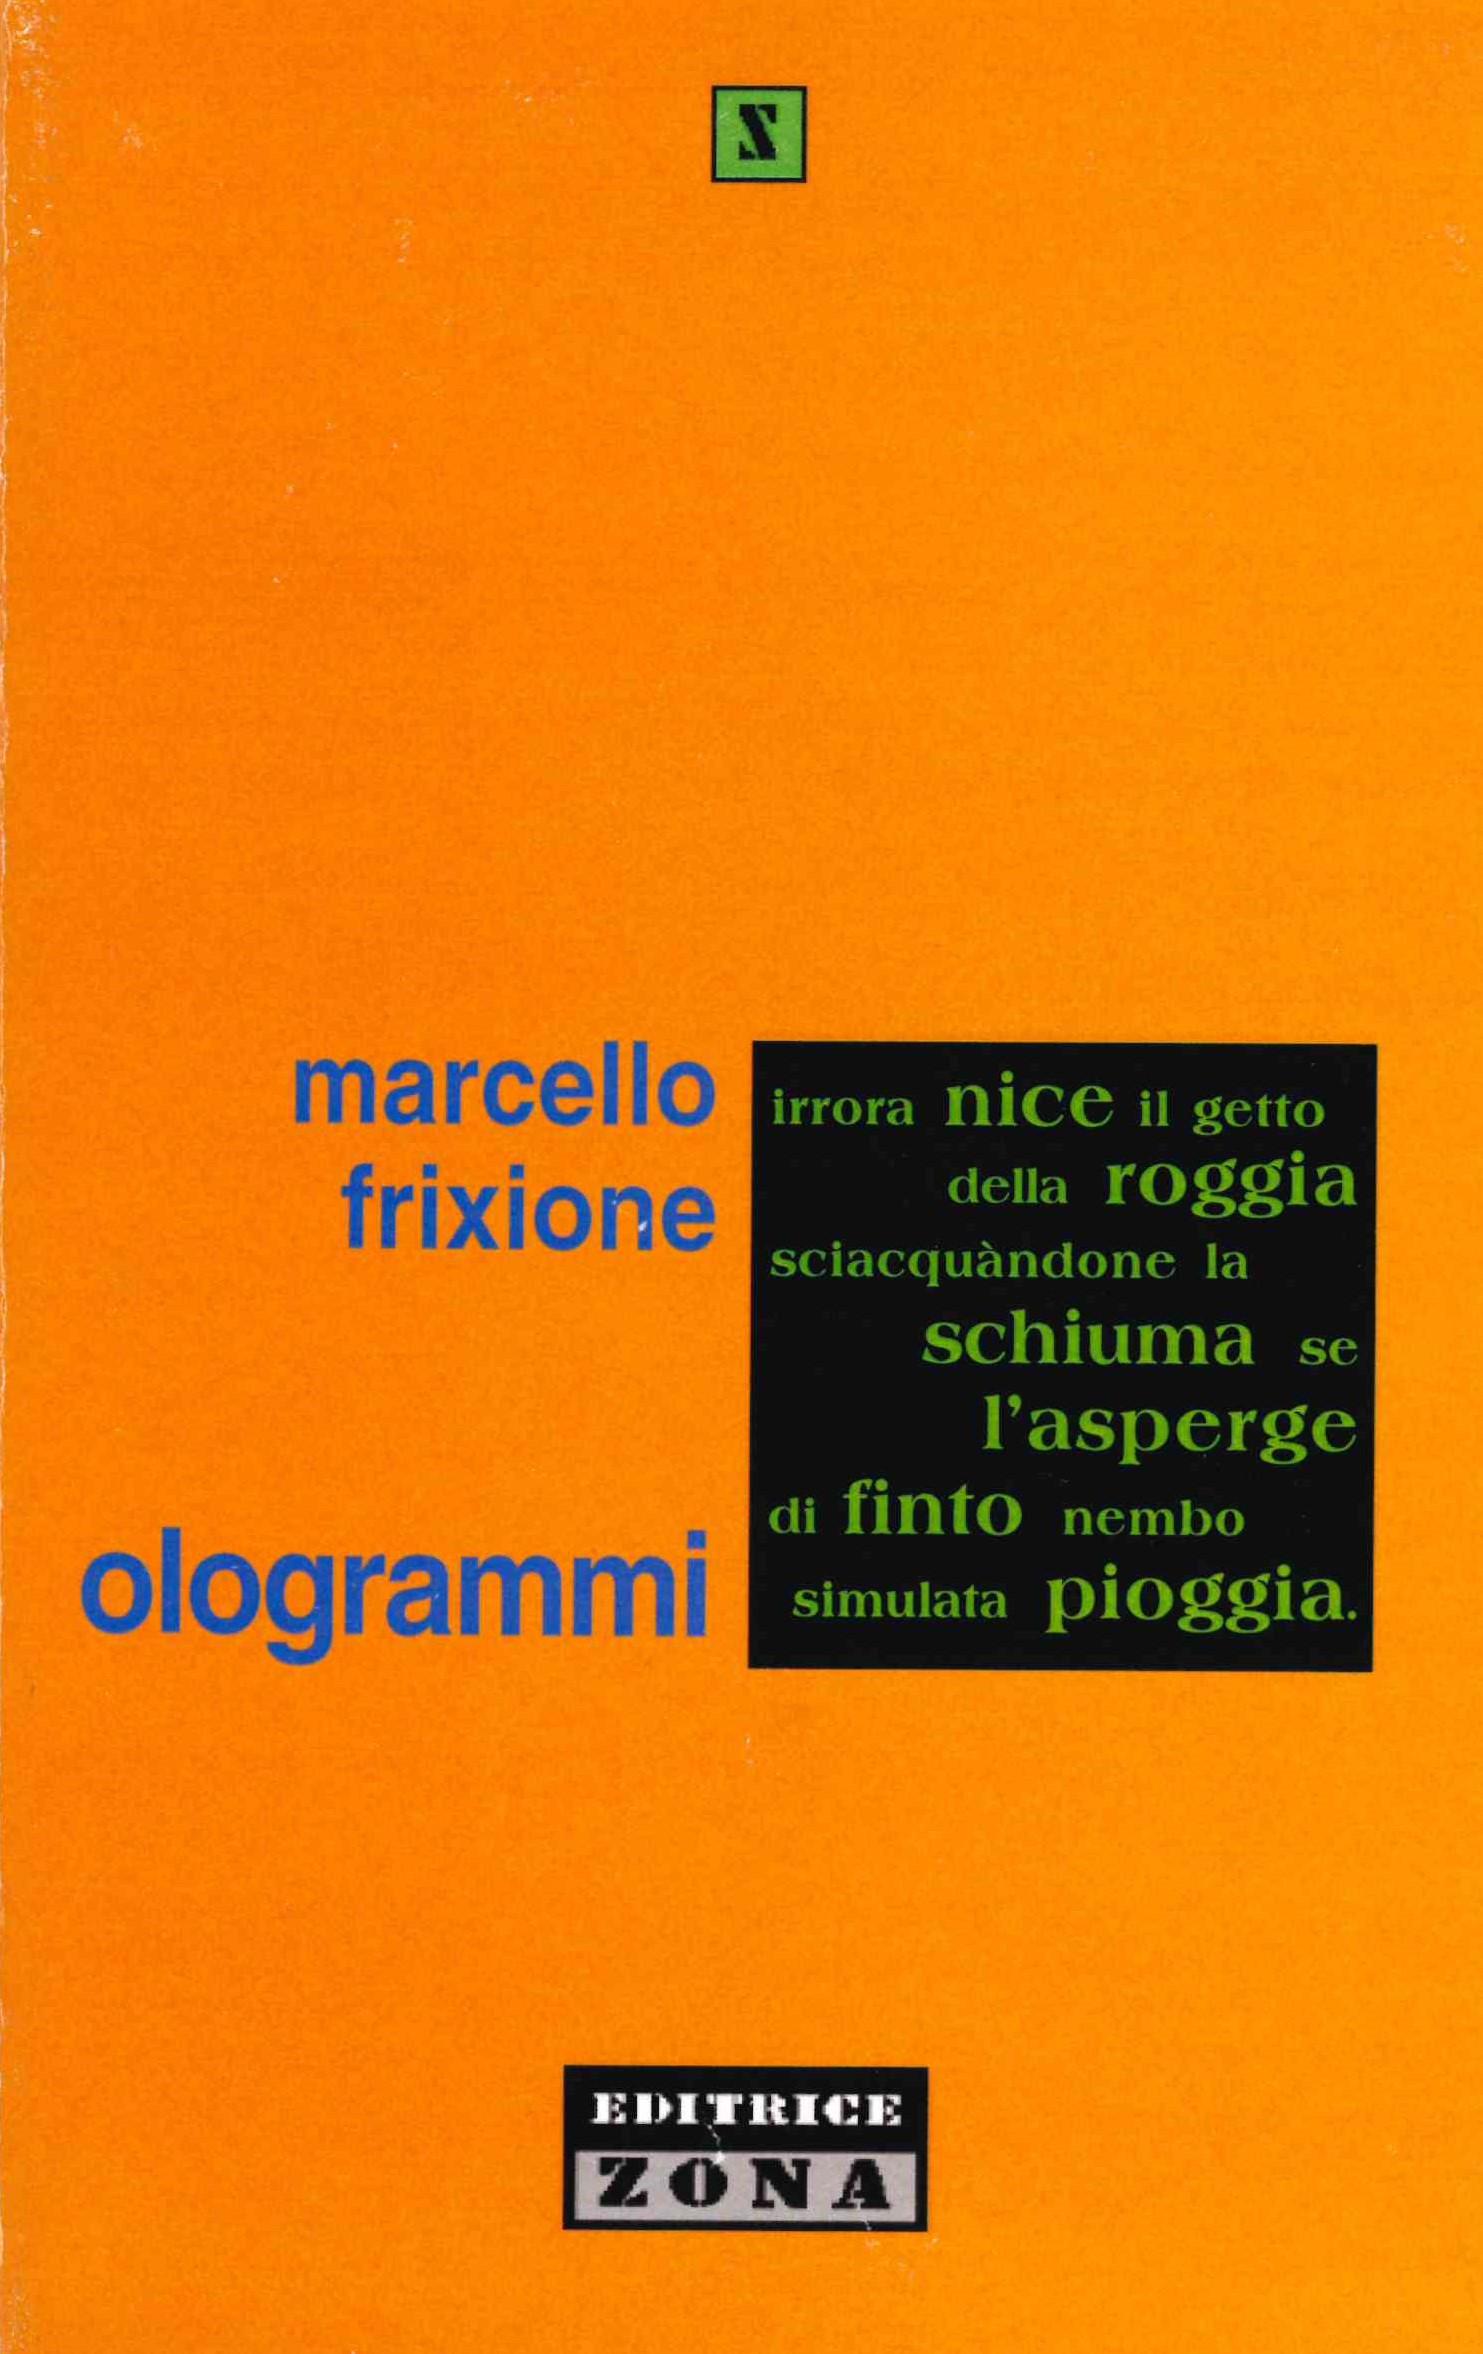 Marcello Frixione, Ologrammi (Zona 2001)